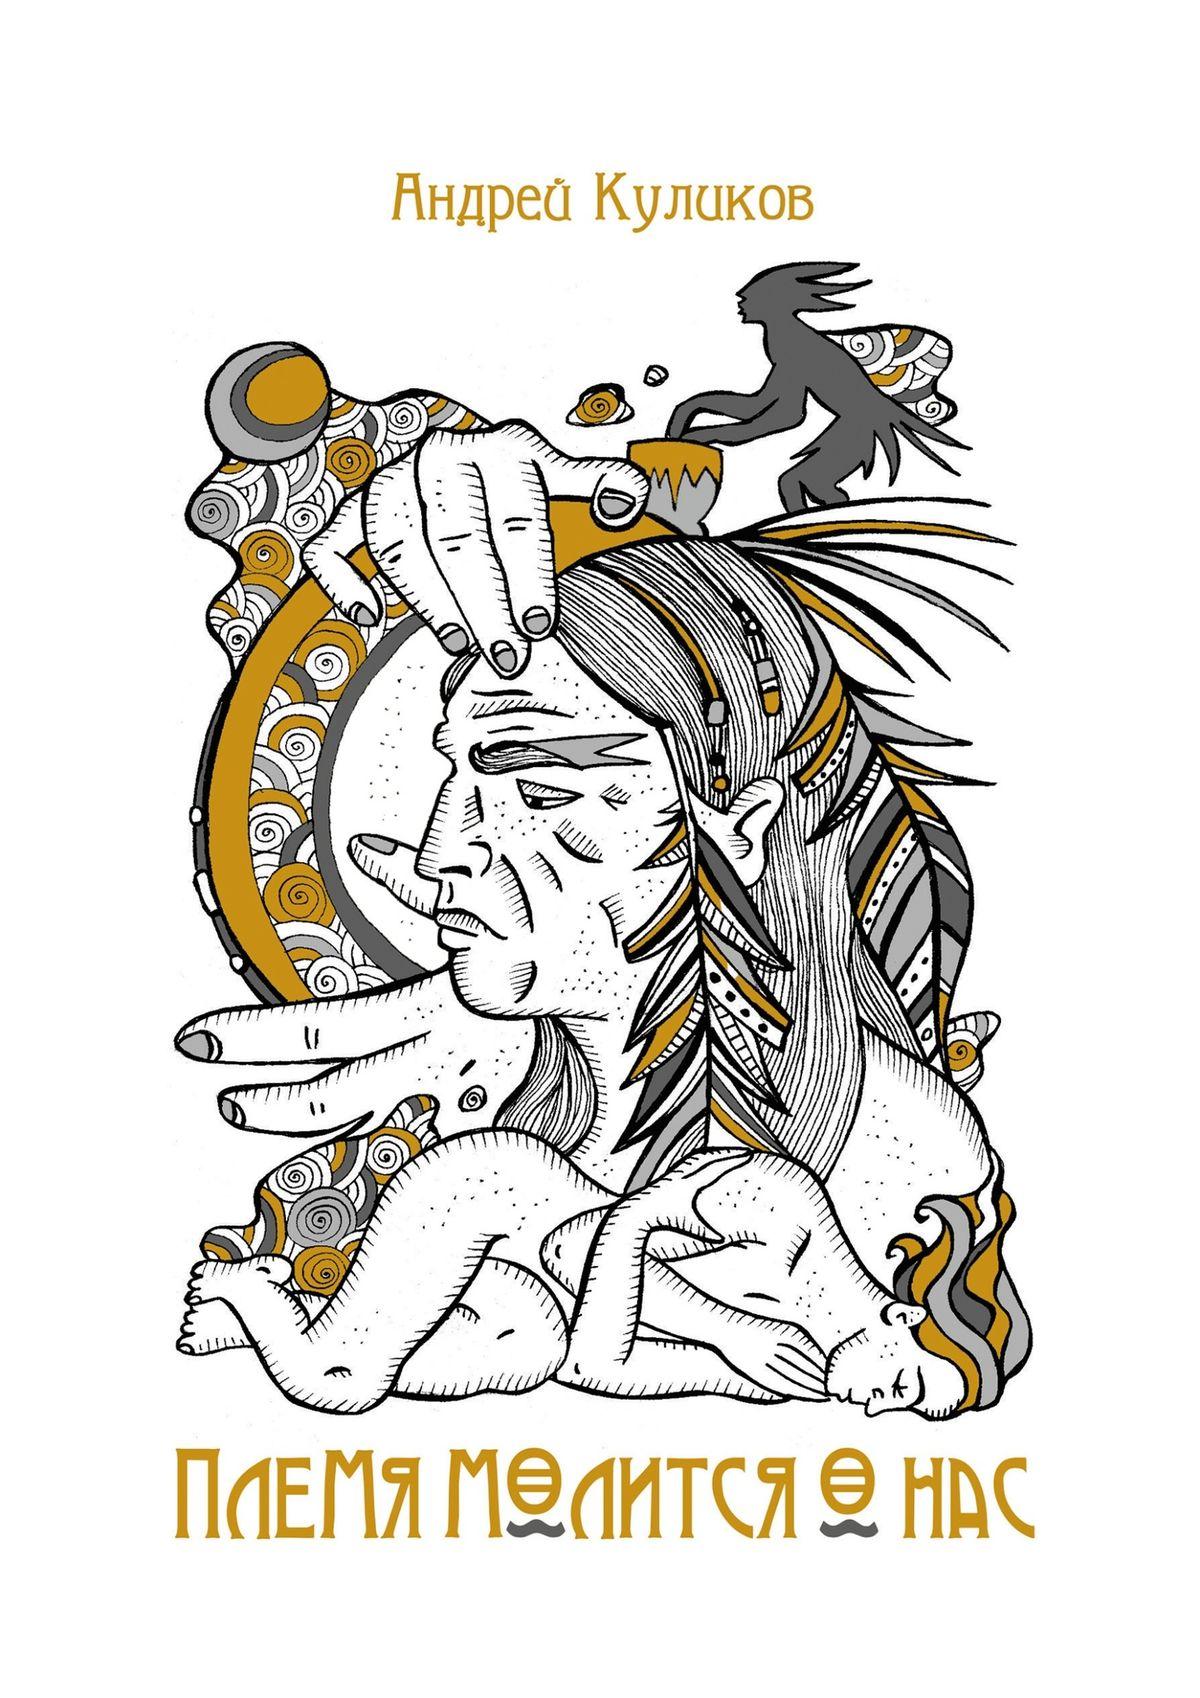 Андрей Куликов Племя молится онас. Сборник стихов владимир корочанцев бой тамтамов будит мечту